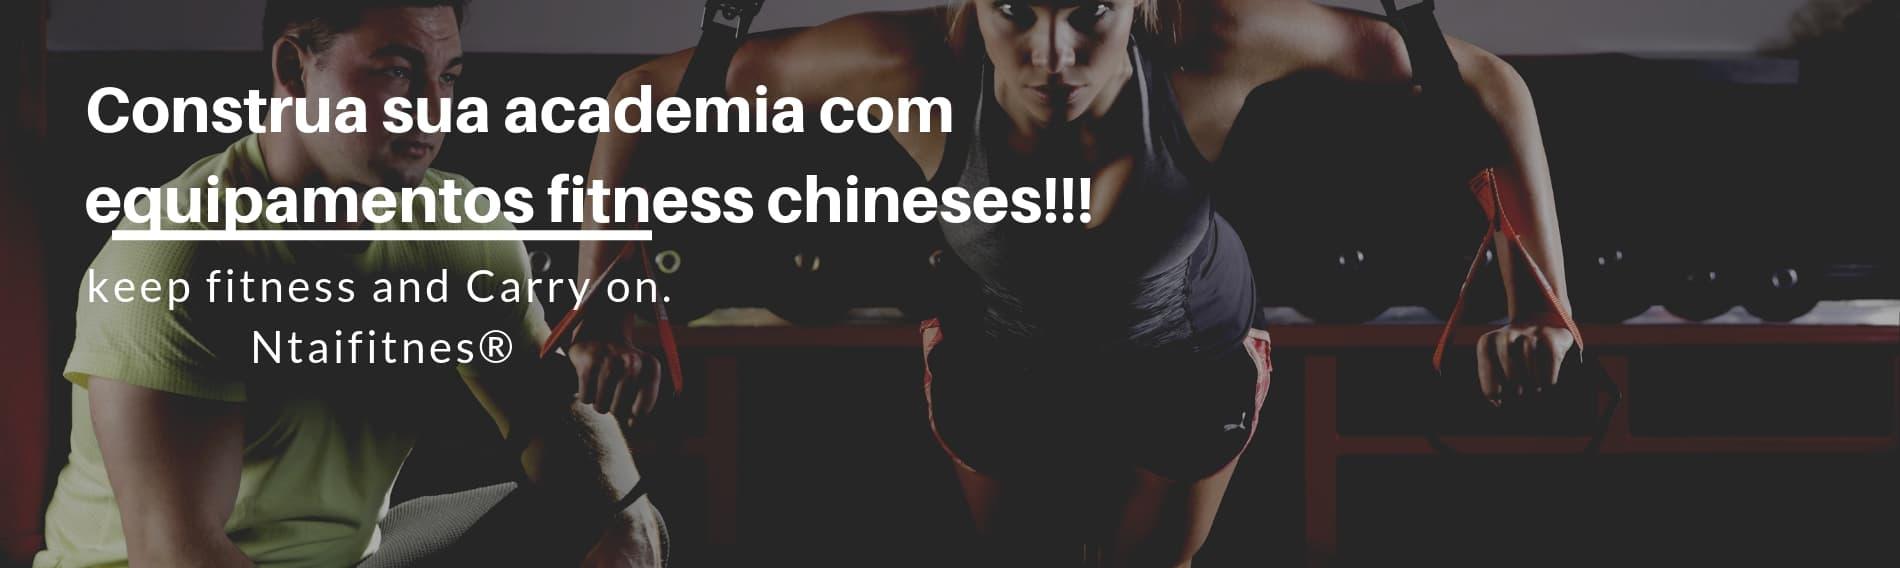 Construa sua academia com equipamentos fitness chineses!!!